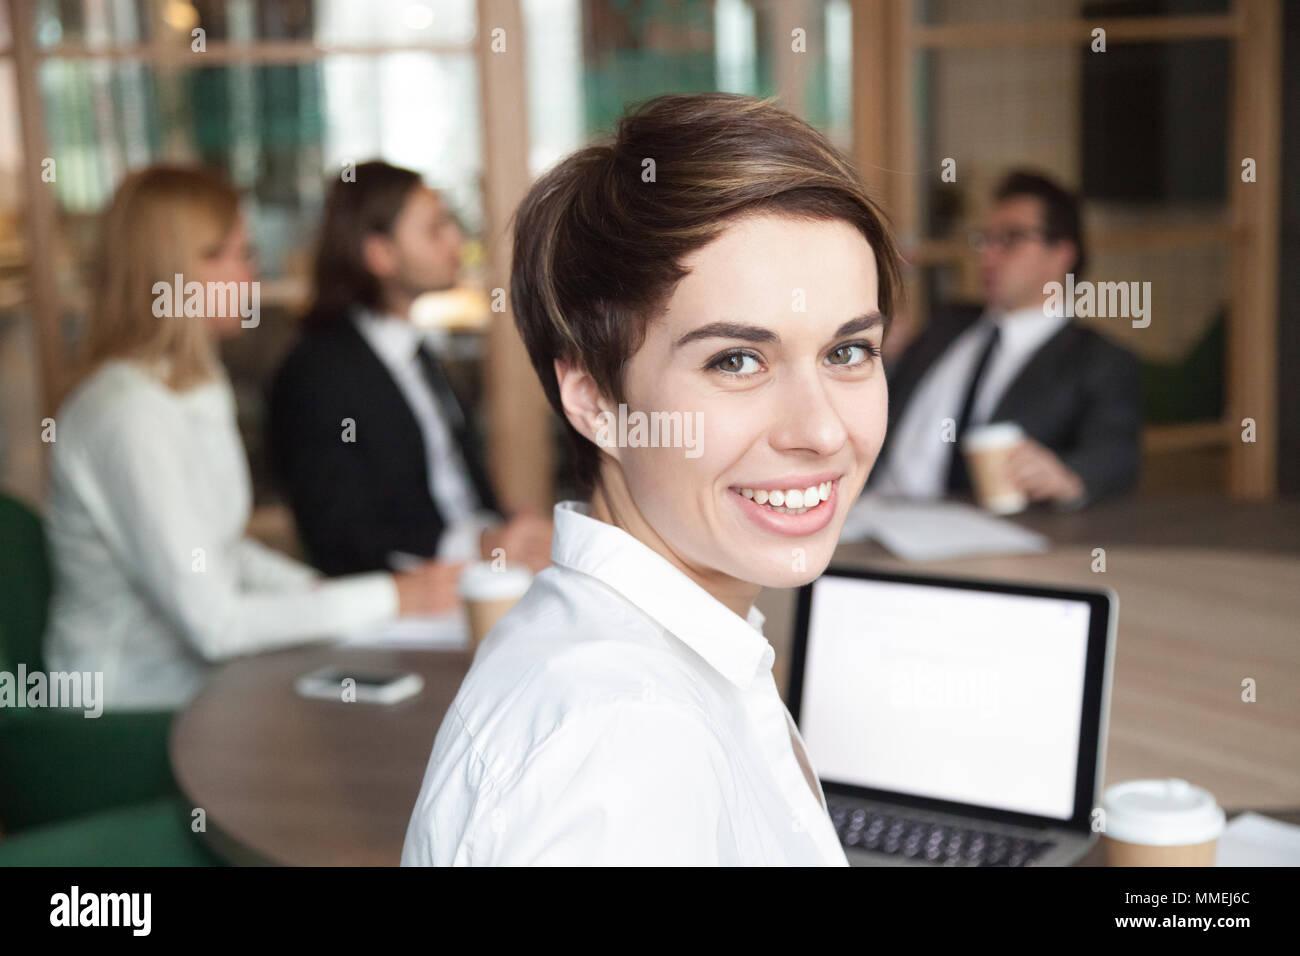 Sorridente imprenditrice interprete professionale guardando la fotocamera Immagini Stock